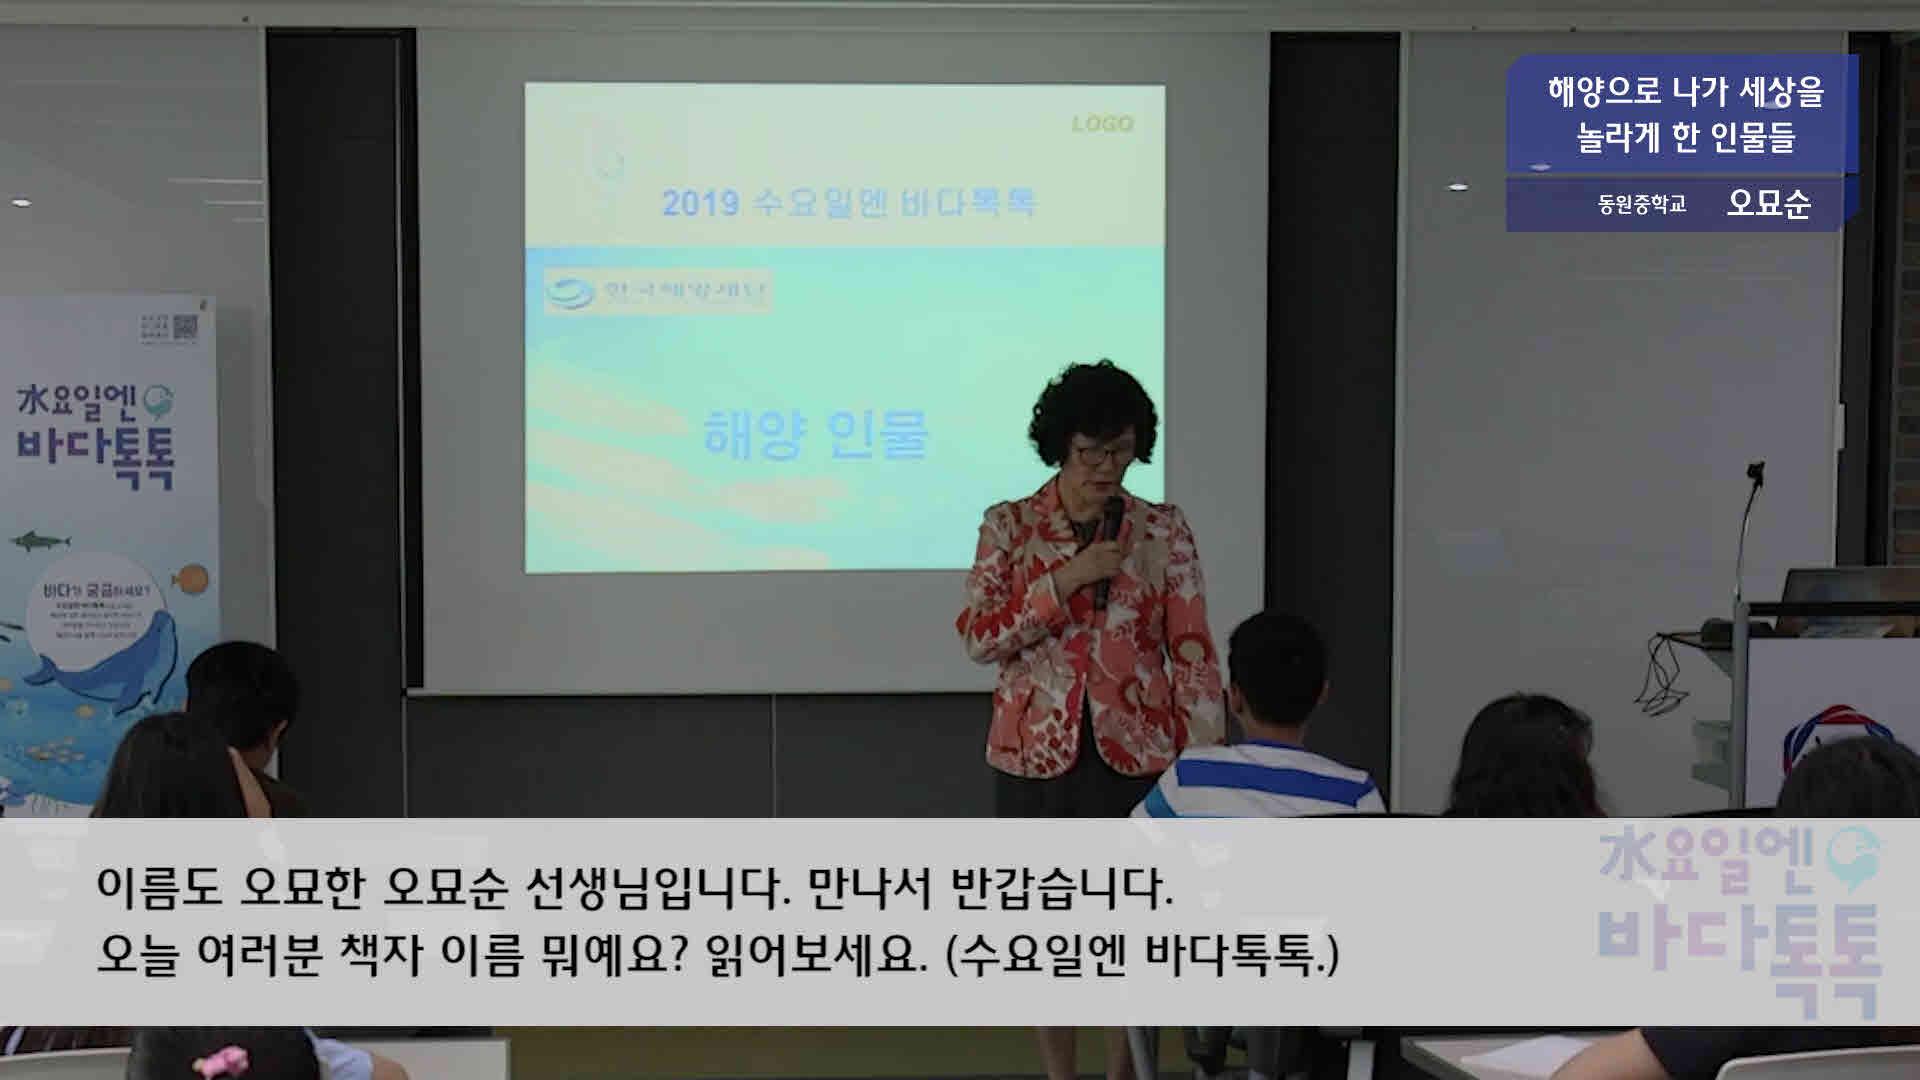 서울 10회 도입강연